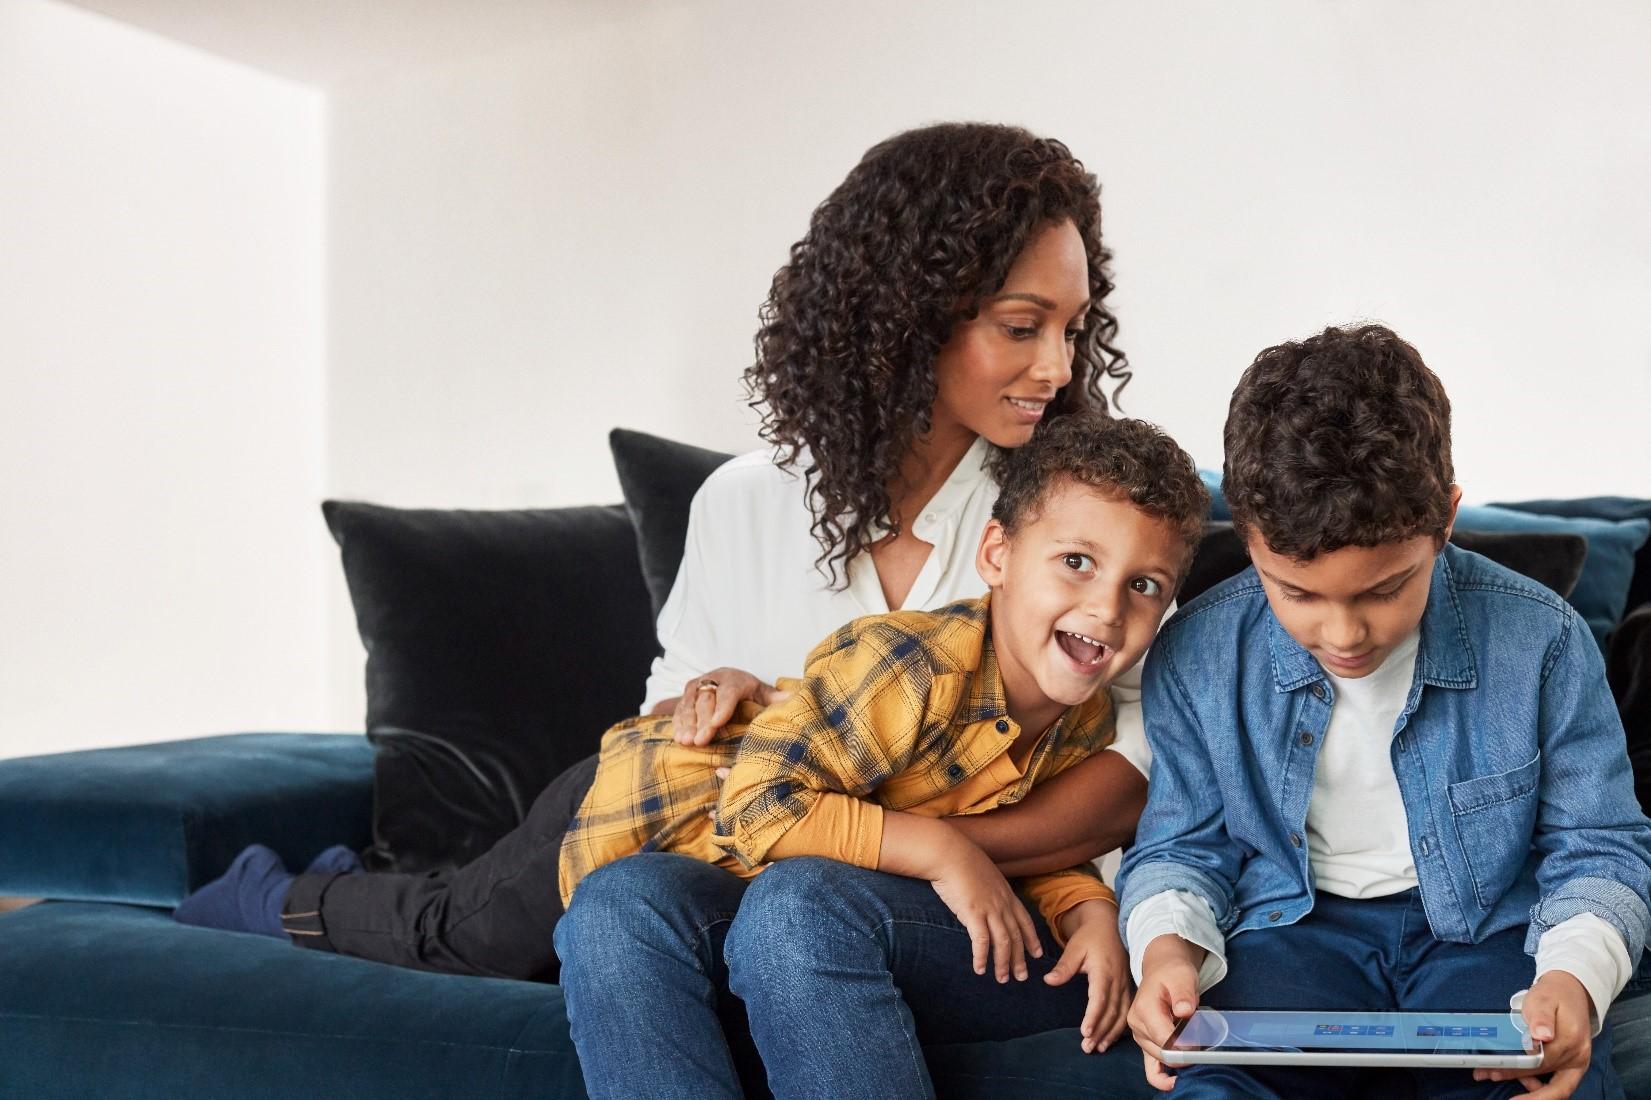 Chętni mogą już testować Microsoft Family Safety - apkę dbającą o cyfrowe bezpieczeństwo rodzin 18